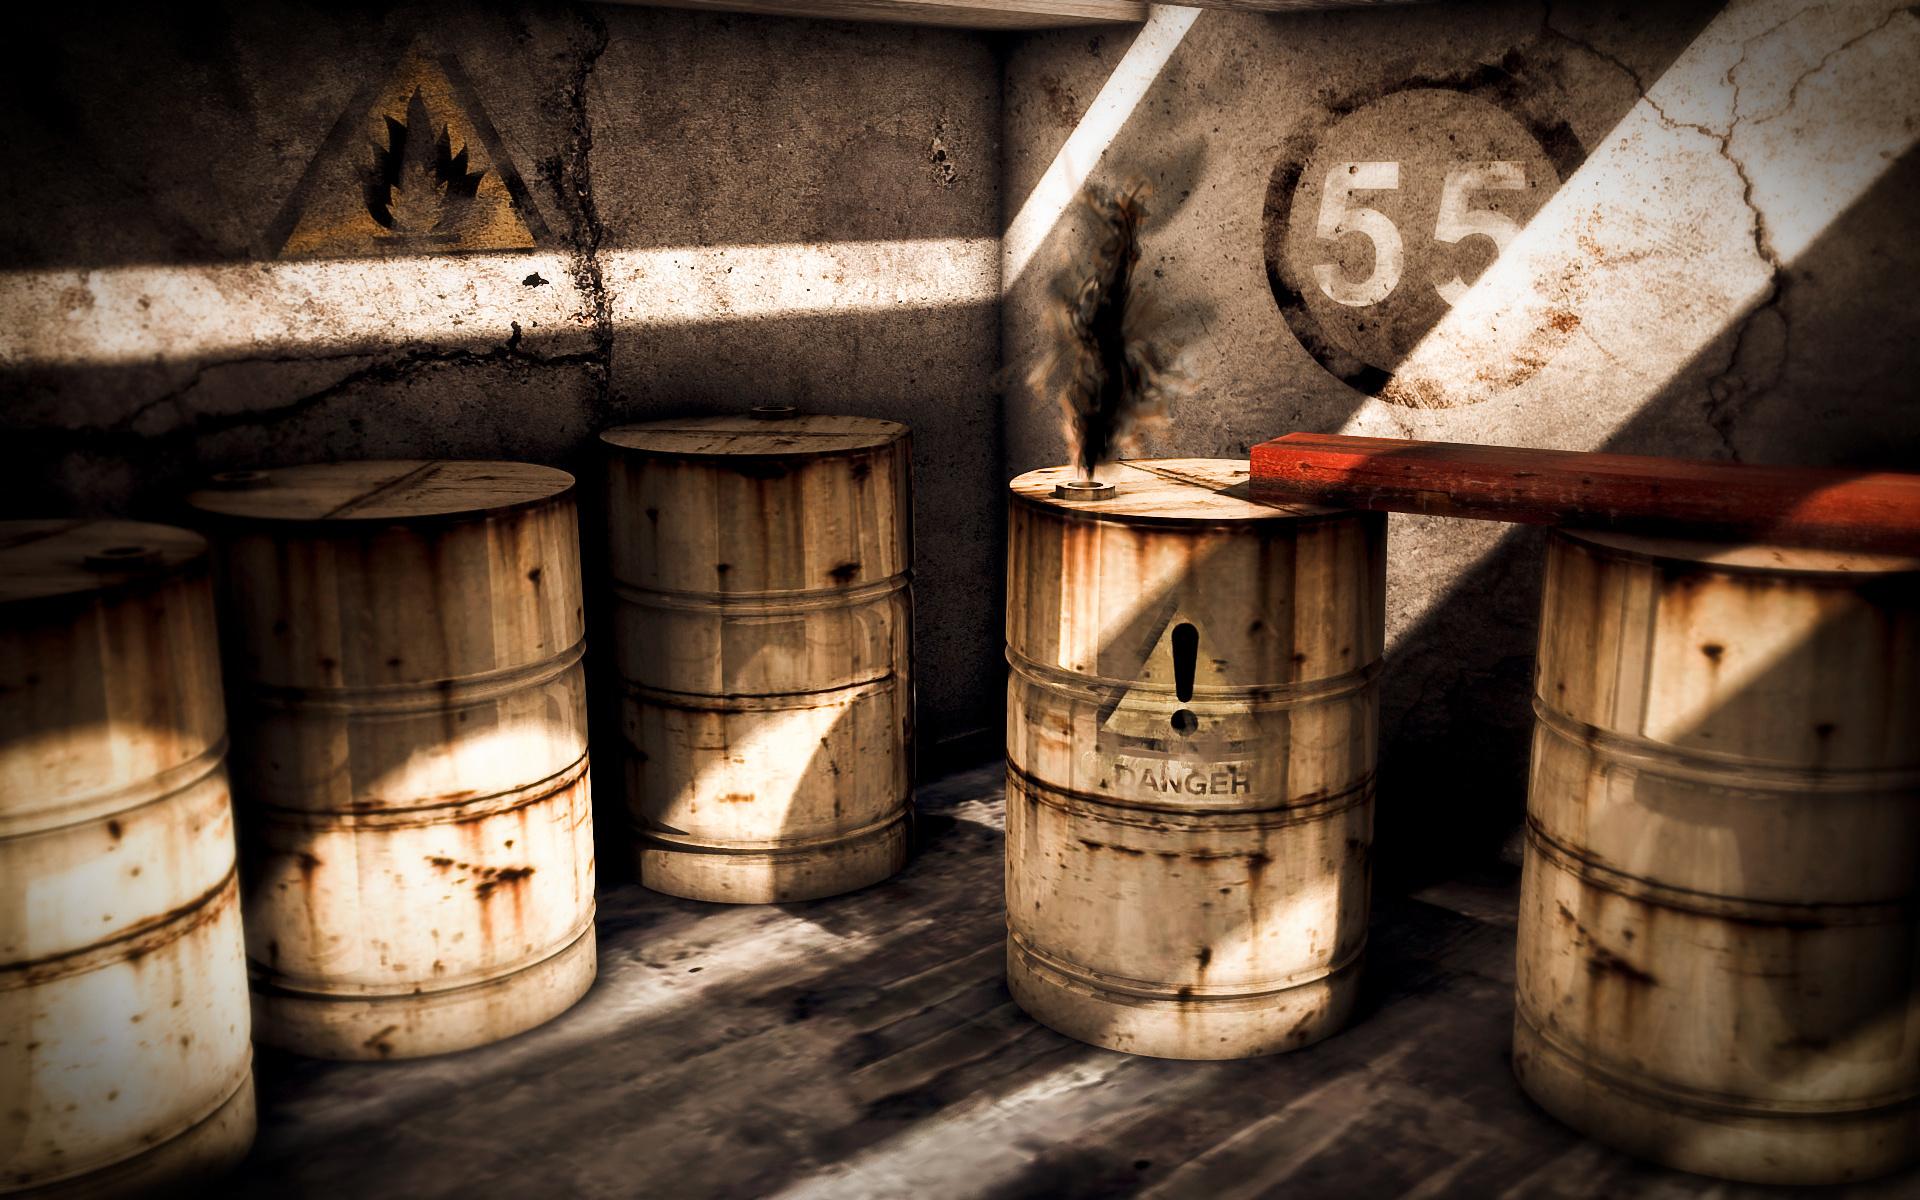 315015_benzin_-kerosin_-neft_1920x1200_(www.GdeFon.ru)